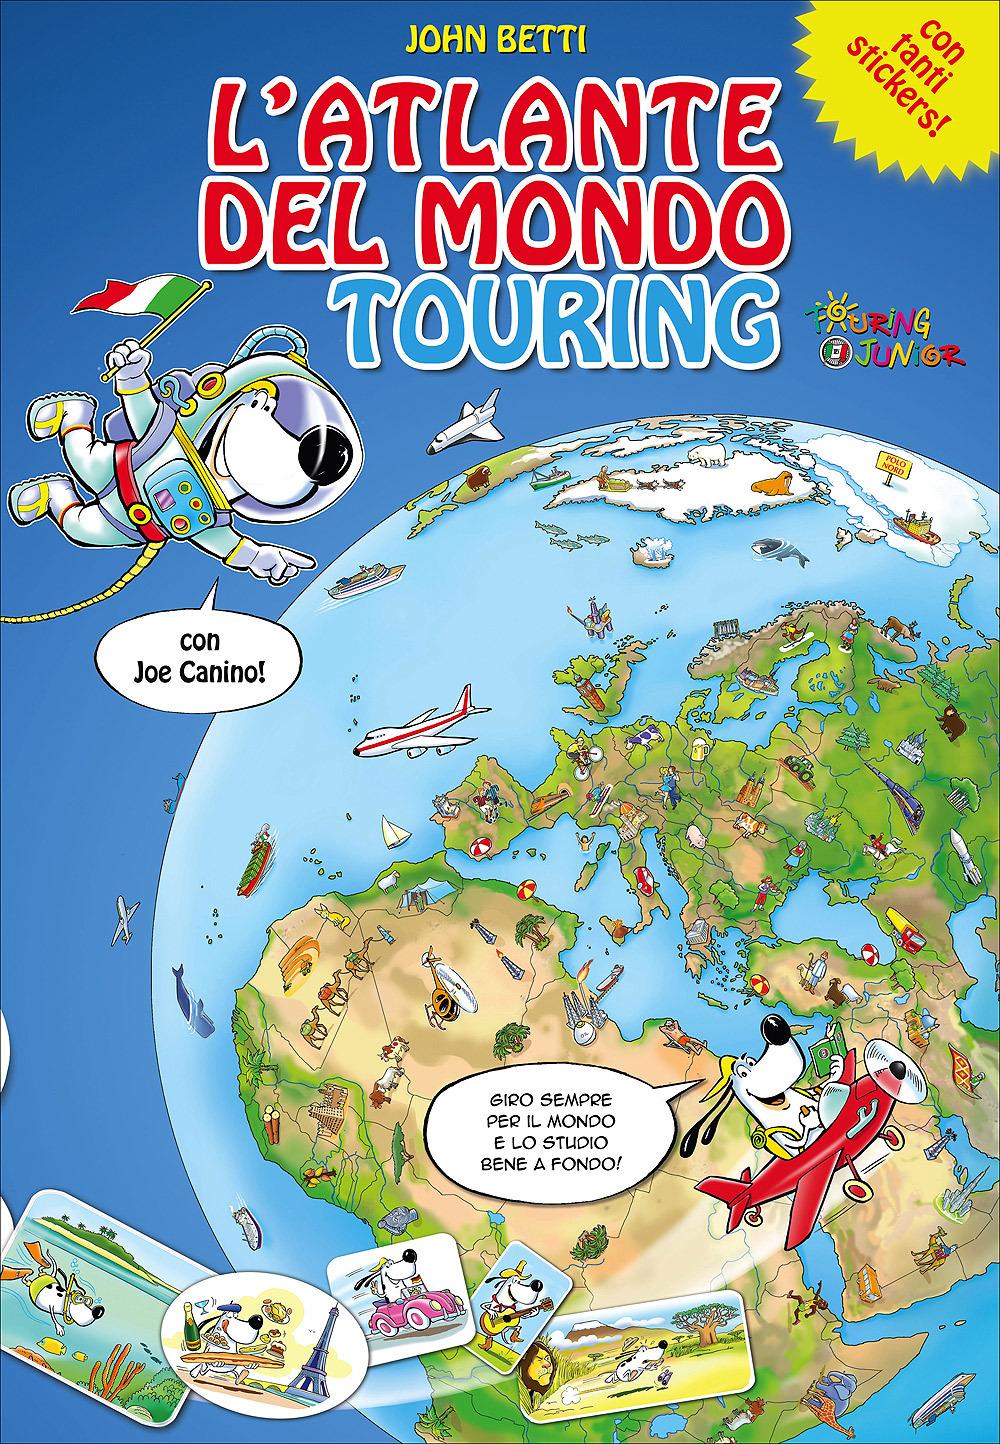 Cartina Mondo Touring.L Atlante Del Mondo Touring Atlanti Touring Junior H2657a Touring Editore